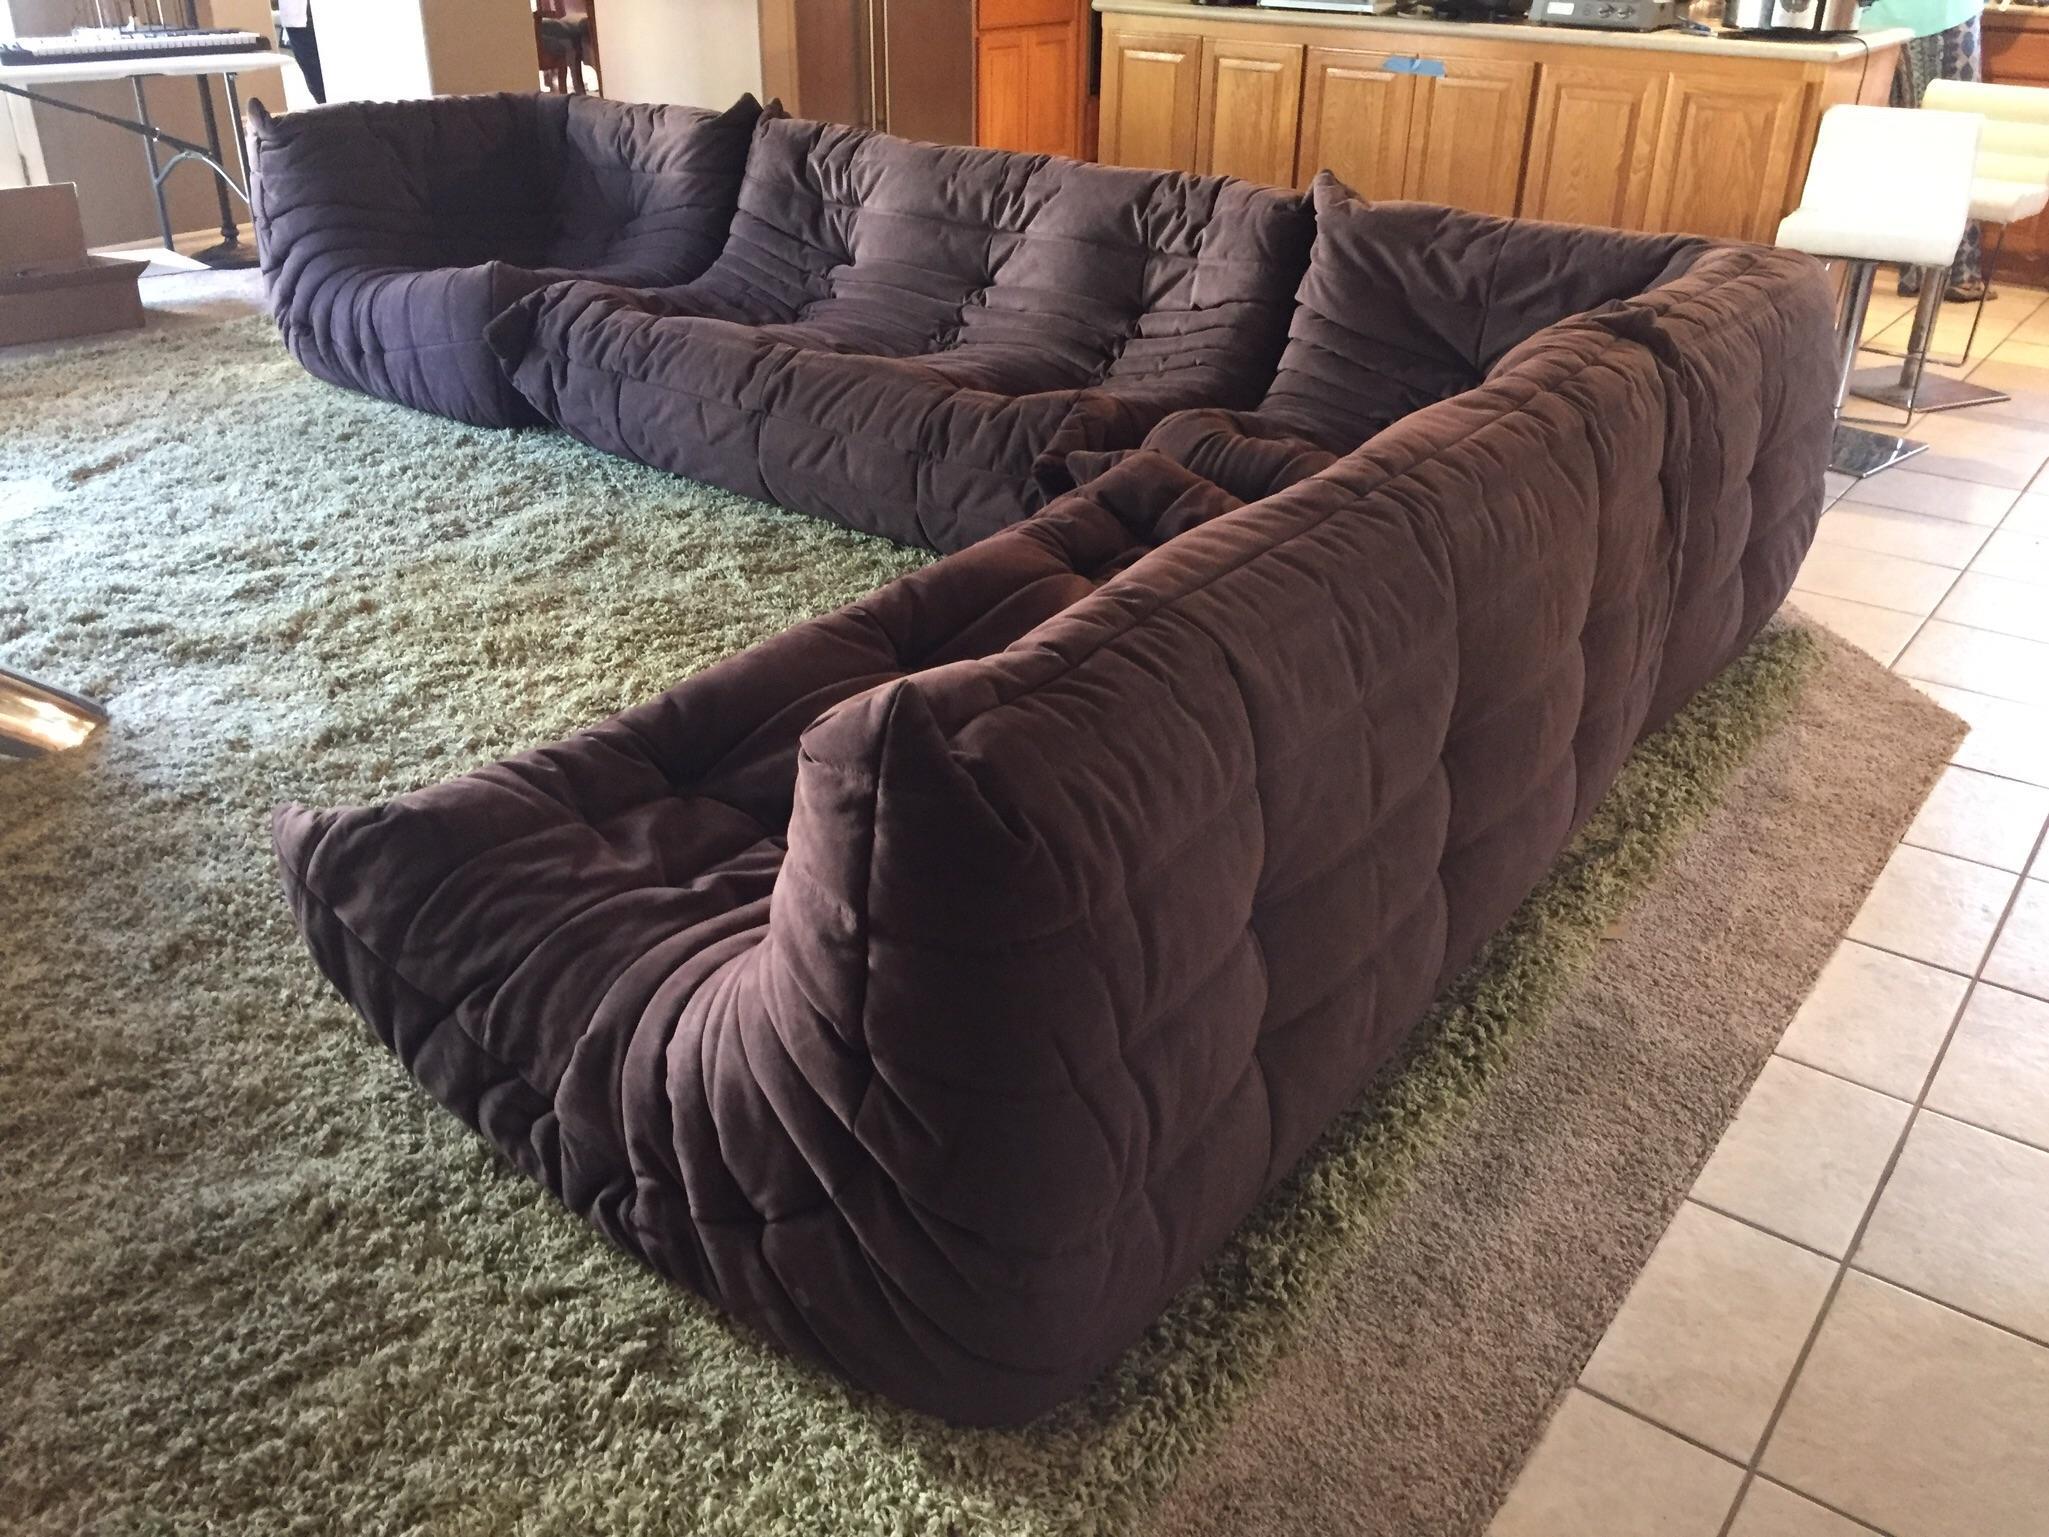 Ligne Roset Togo 4 Piece Espresso Sectional Sofa - Image 2 of 8  sc 1 st  Chairish : togo sectional - Sectionals, Sofas & Couches